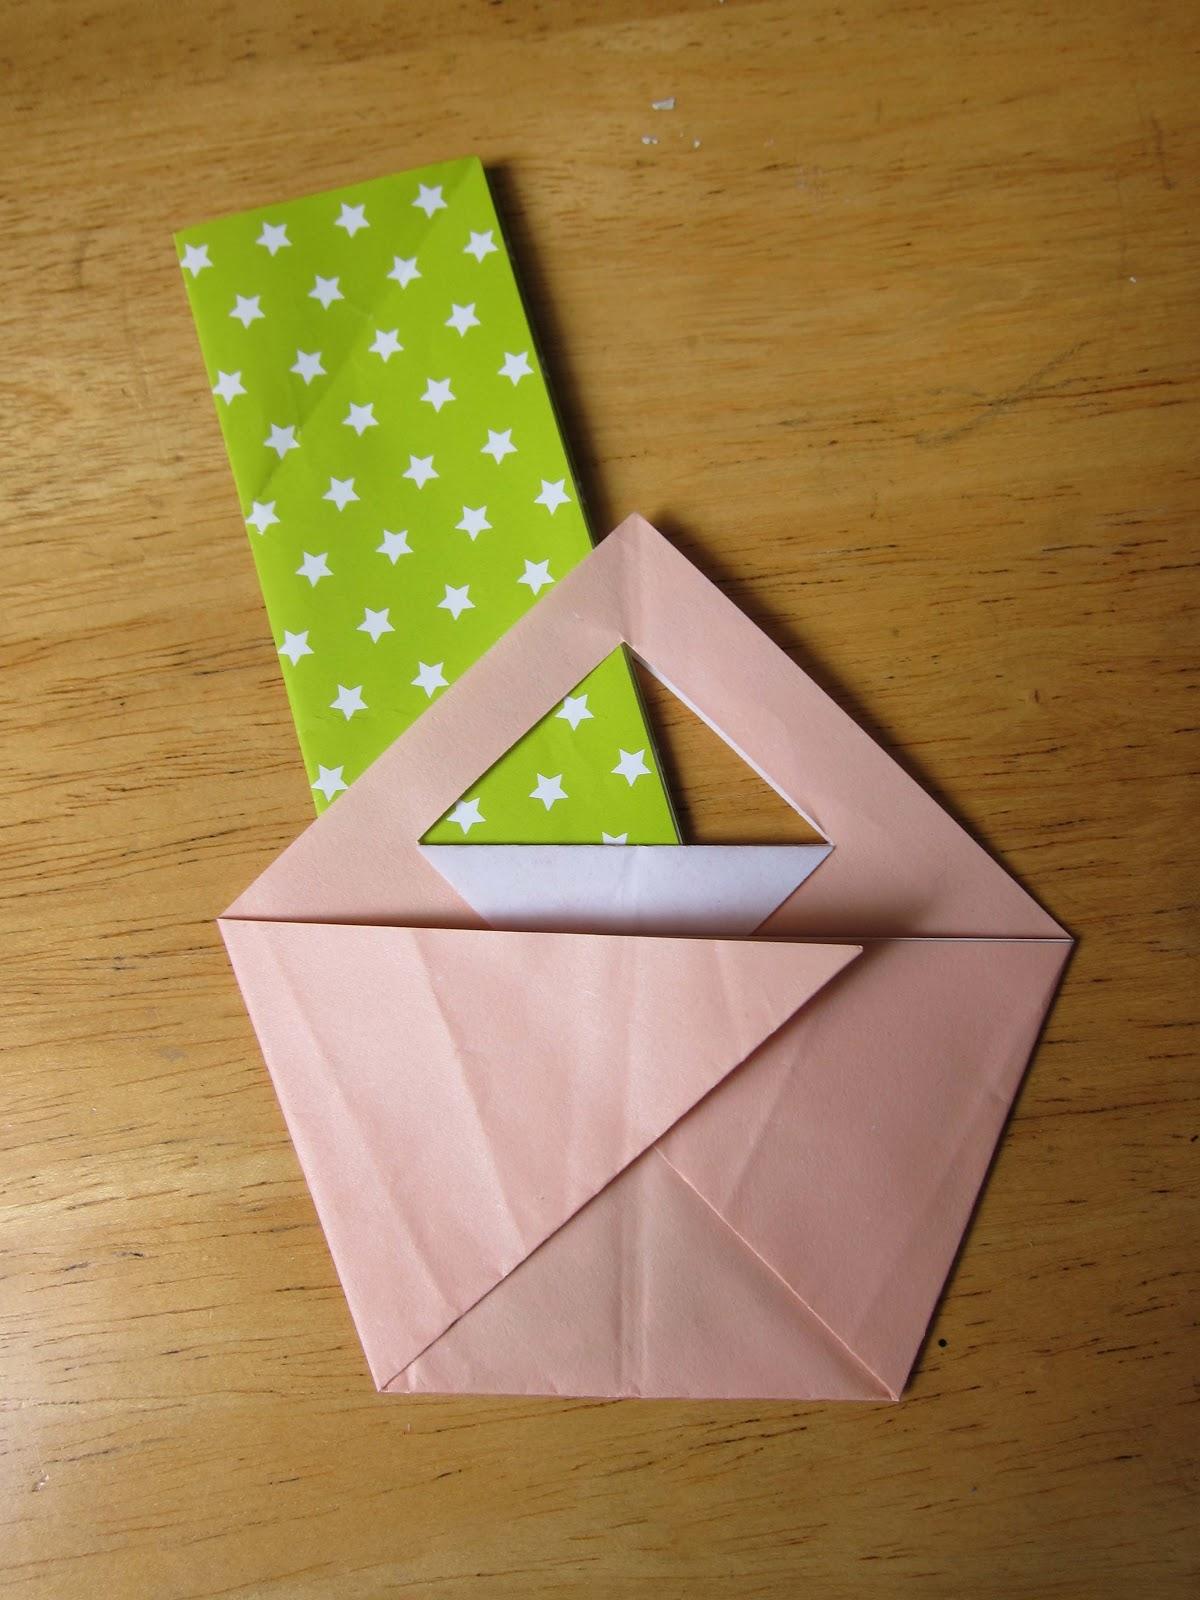 Paper Crafts For Kids: Shine Kids Crafts: Paper Crafts For Kids